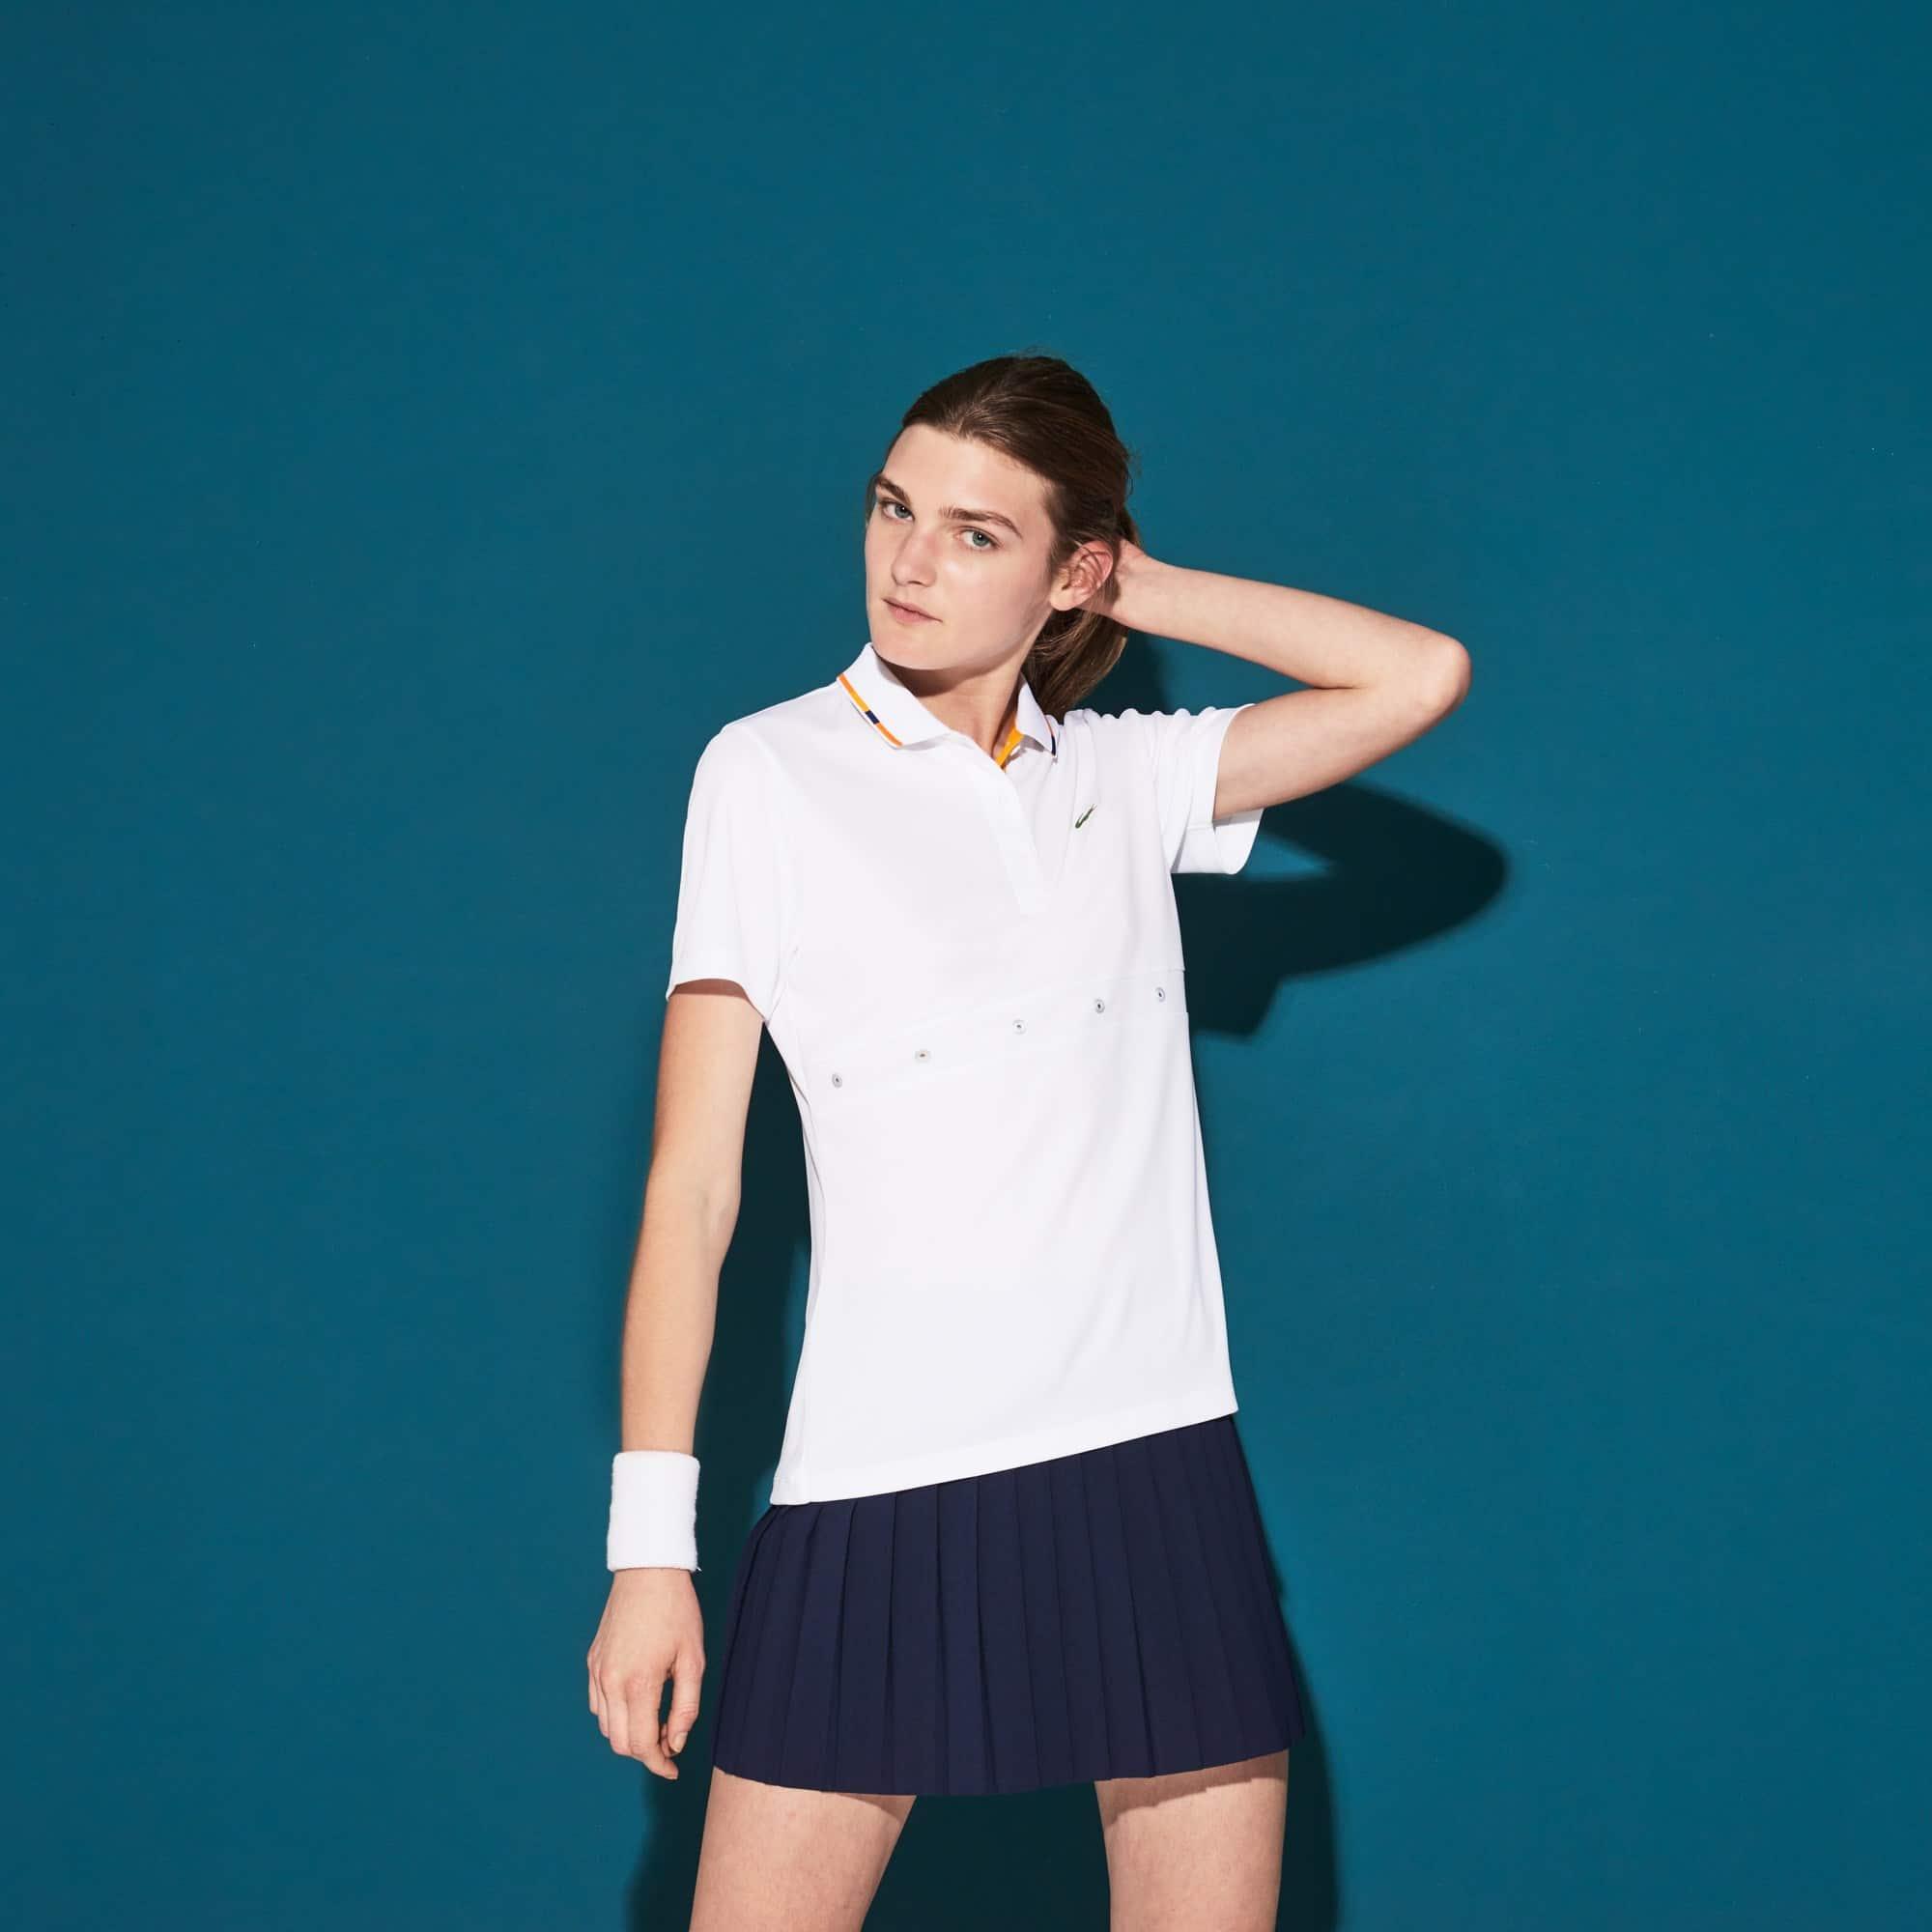 Polo Tenis Lacoste SPORT en piqué técnico con cuello en contraste